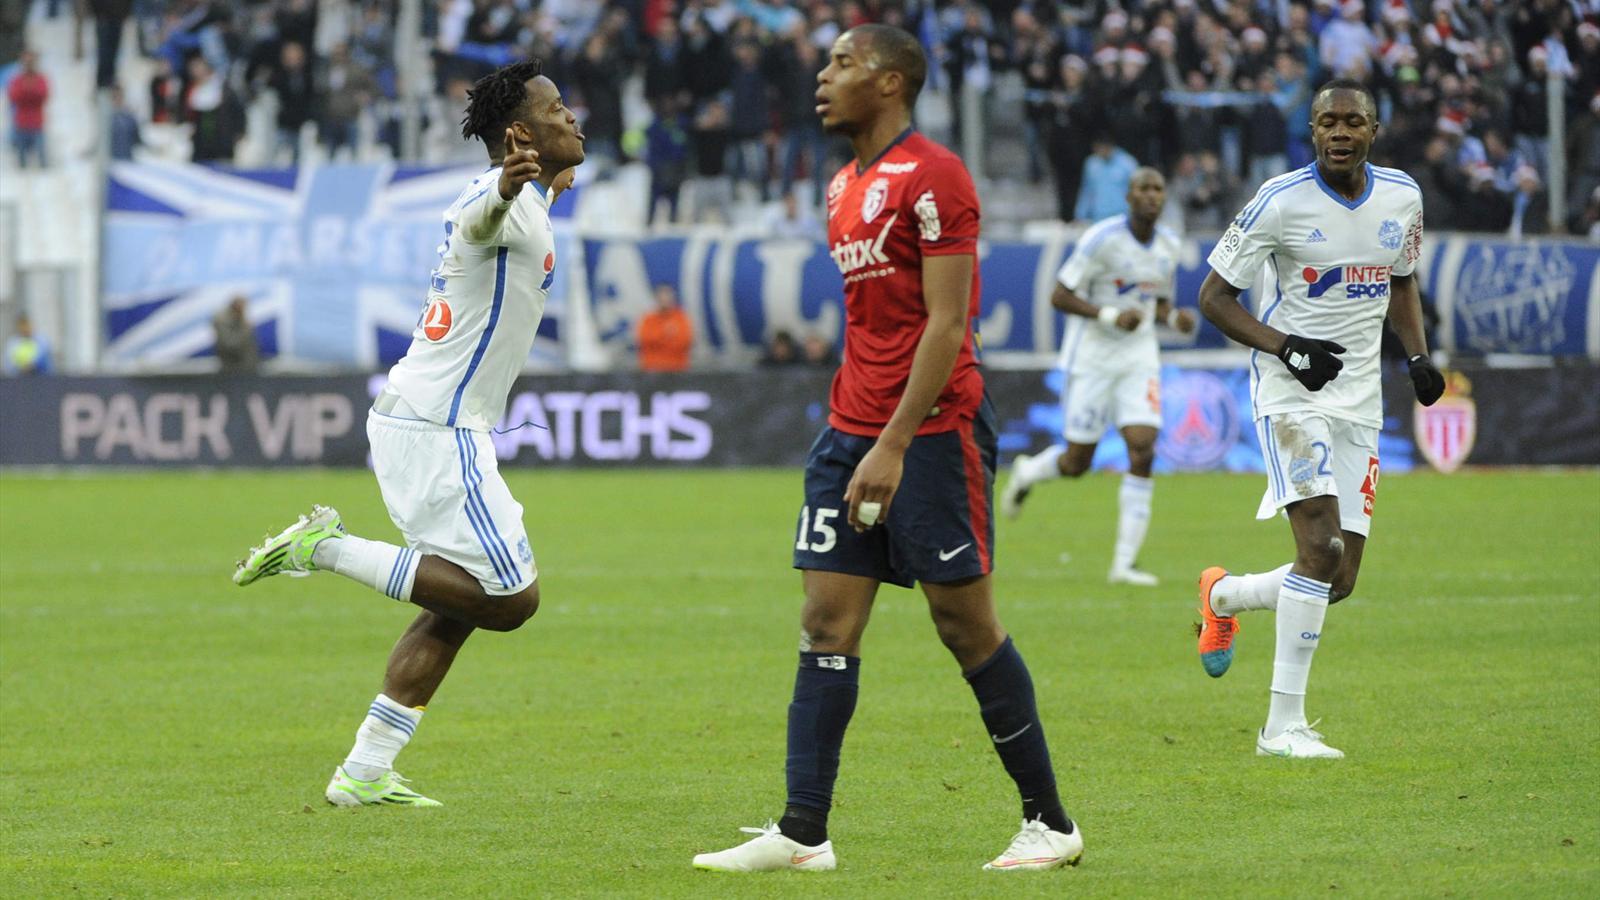 Реймс – Лион. Прогноз матча французской Лиги 1